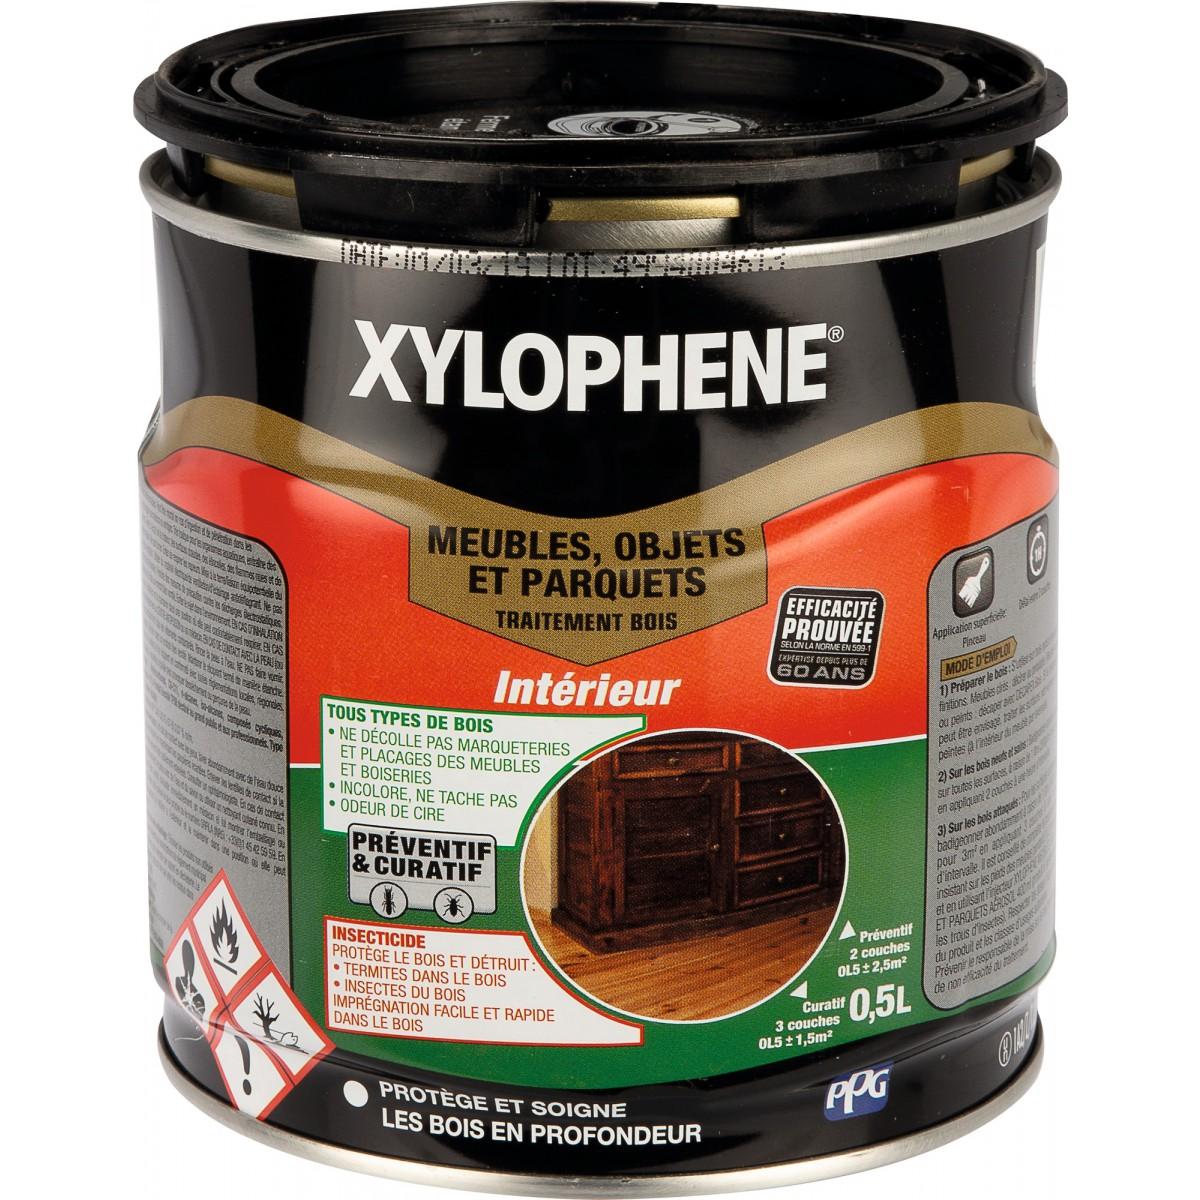 Xyloph ne traitement meubles et objets anciens incolore bidon 0 5 l - Xylophene meuble ...